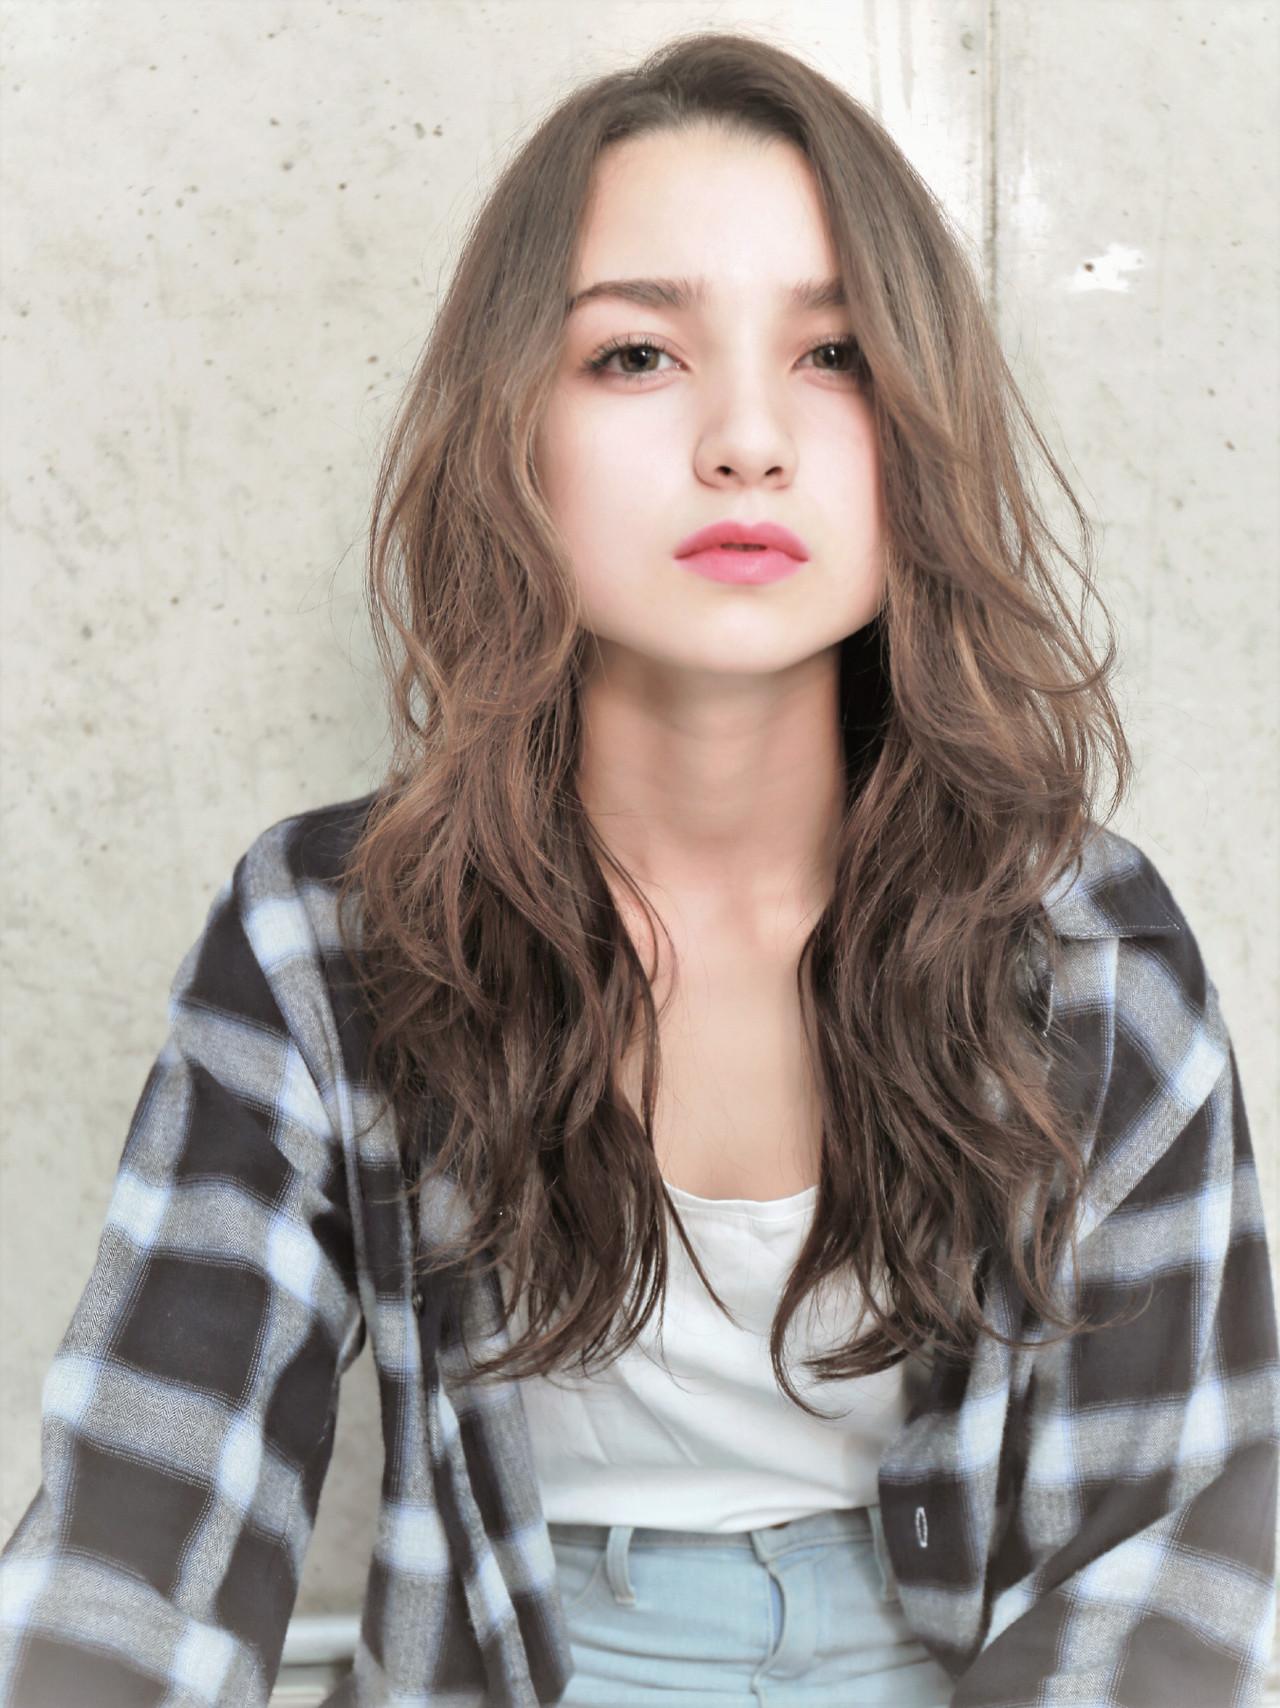 モテ髪 秋 ゆるふわ 透明感 ヘアスタイルや髪型の写真・画像